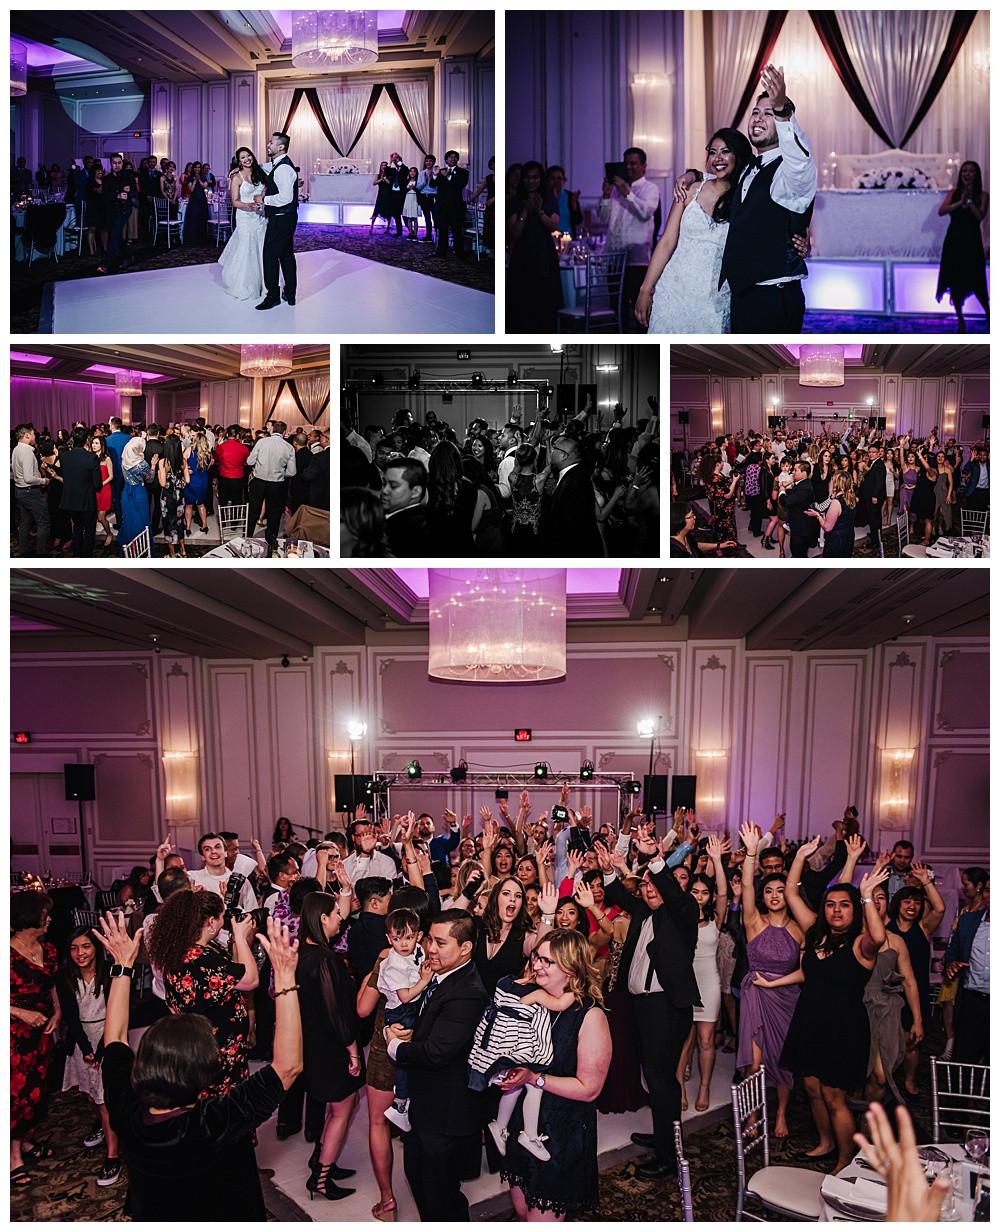 Dancing, Guests Dancing, Bride and Groom Dancing